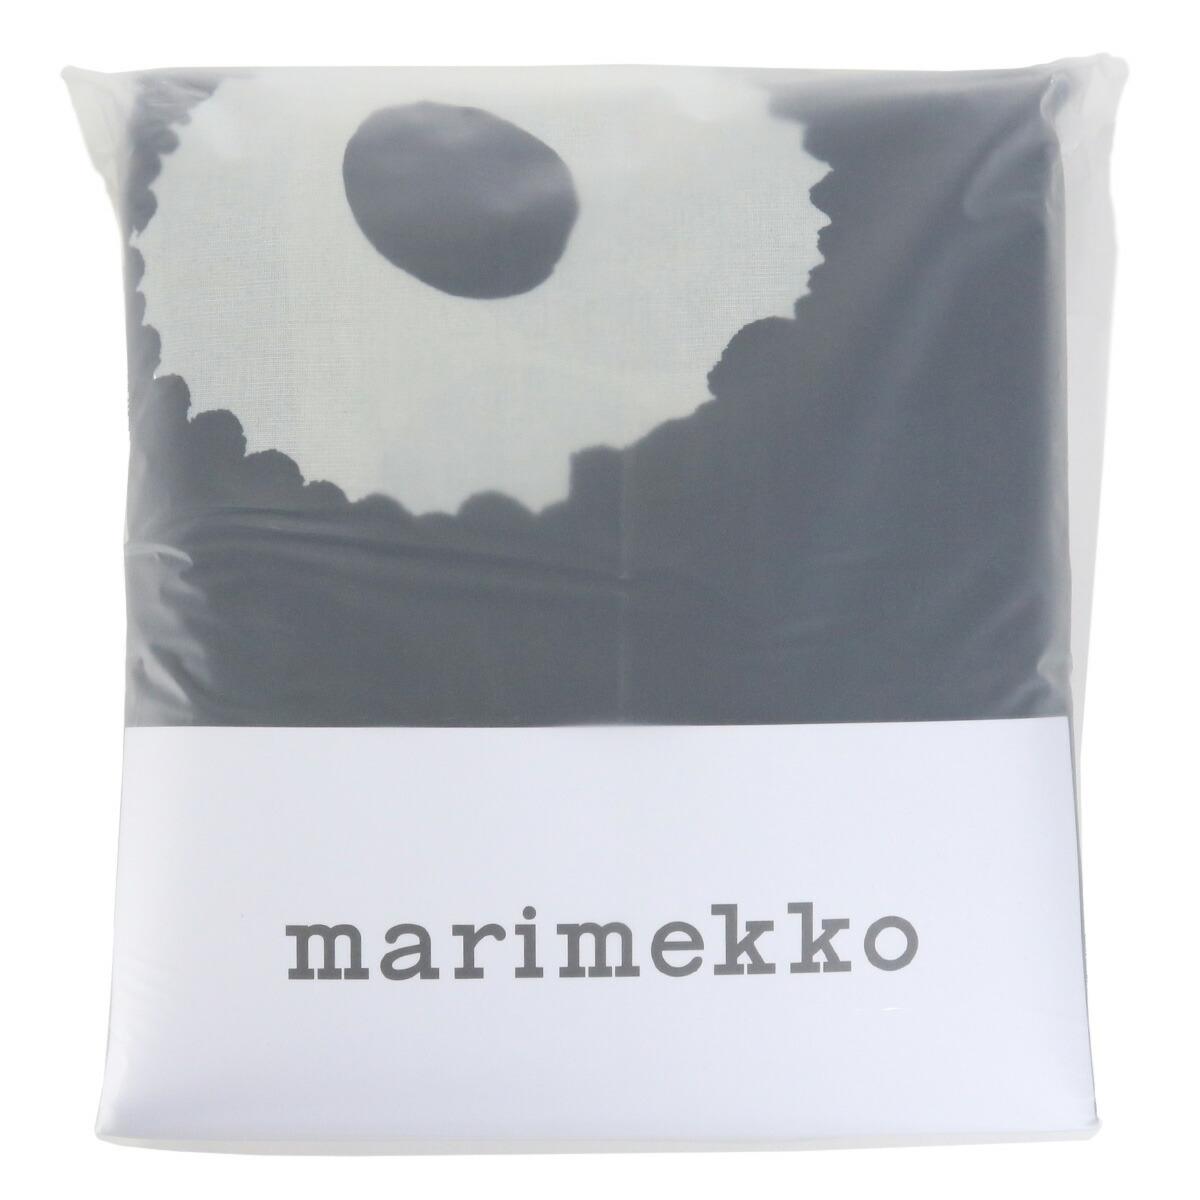 マリメッコ marimekko  生活雑貨 インテリア リネン ベッドルーム 寝具 ウニッコ unikko 70519 掛け布団カバー 851 ブラック